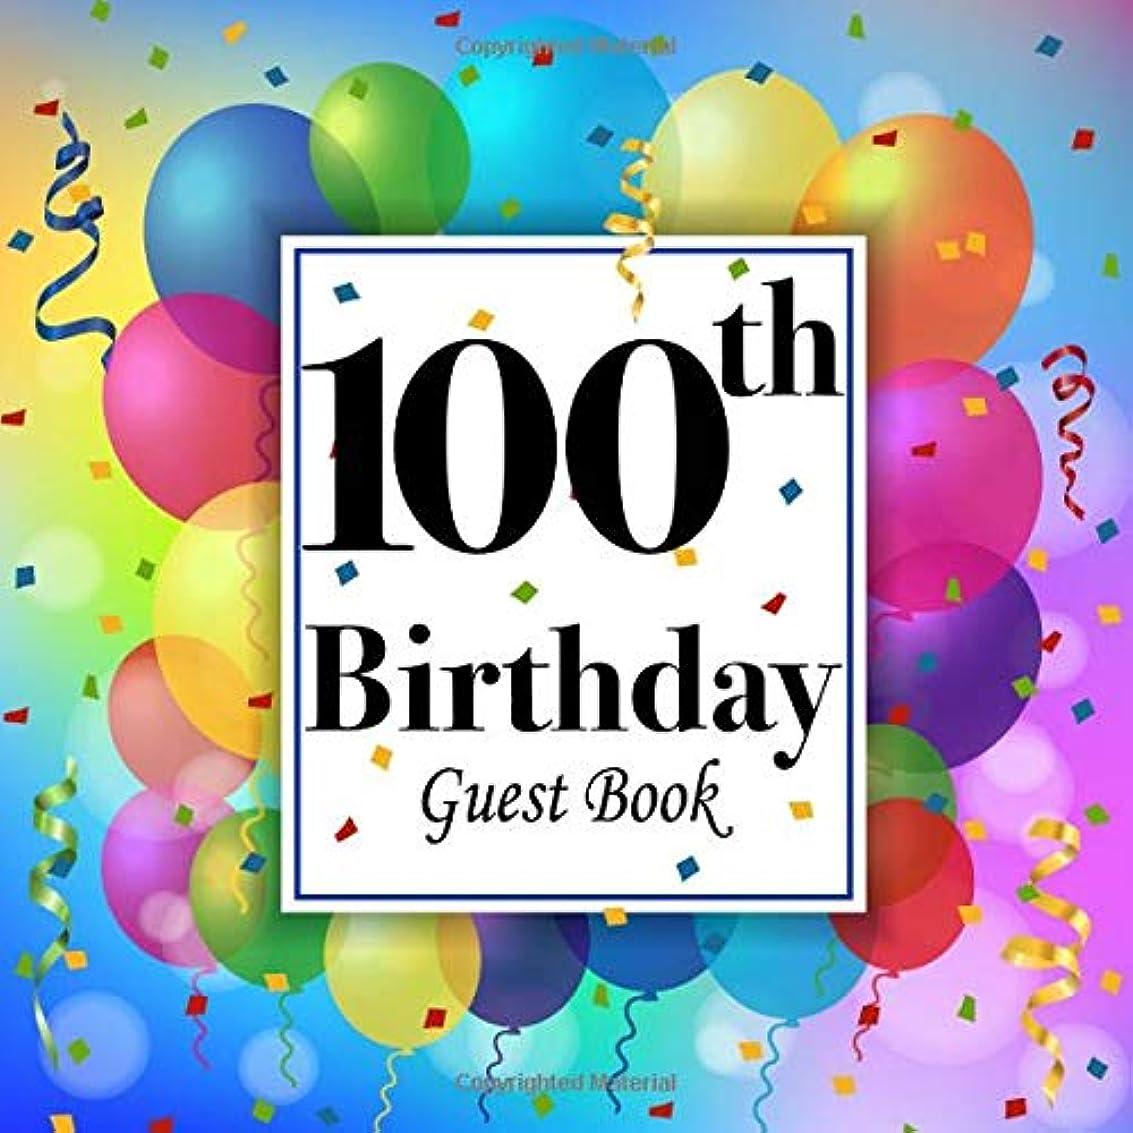 ストライクこれらガード100th Birthday Guest Book: Party Celebration Keepsake Memory Book For Family & Friends to write best wishes, messages, sign in, guest